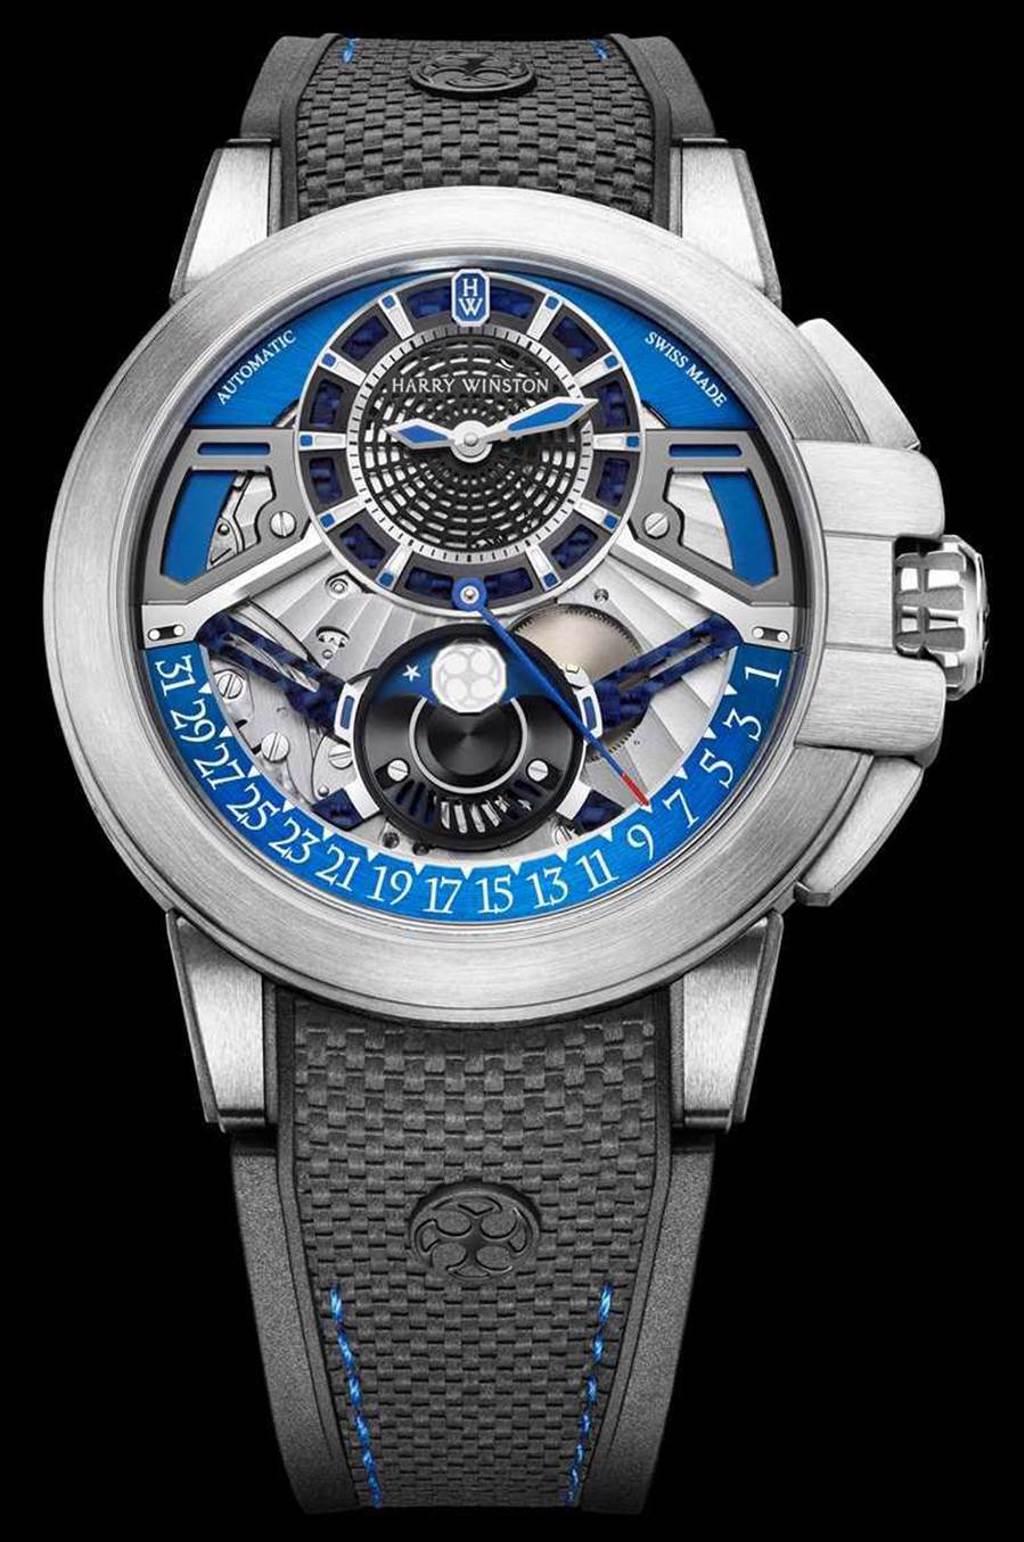 HARRY WINSTON「Project Z13自動腕錶」,Zalium鋯合金錶殼,42mm╱820,000元。(圖╱HARRY WINSTON提供)